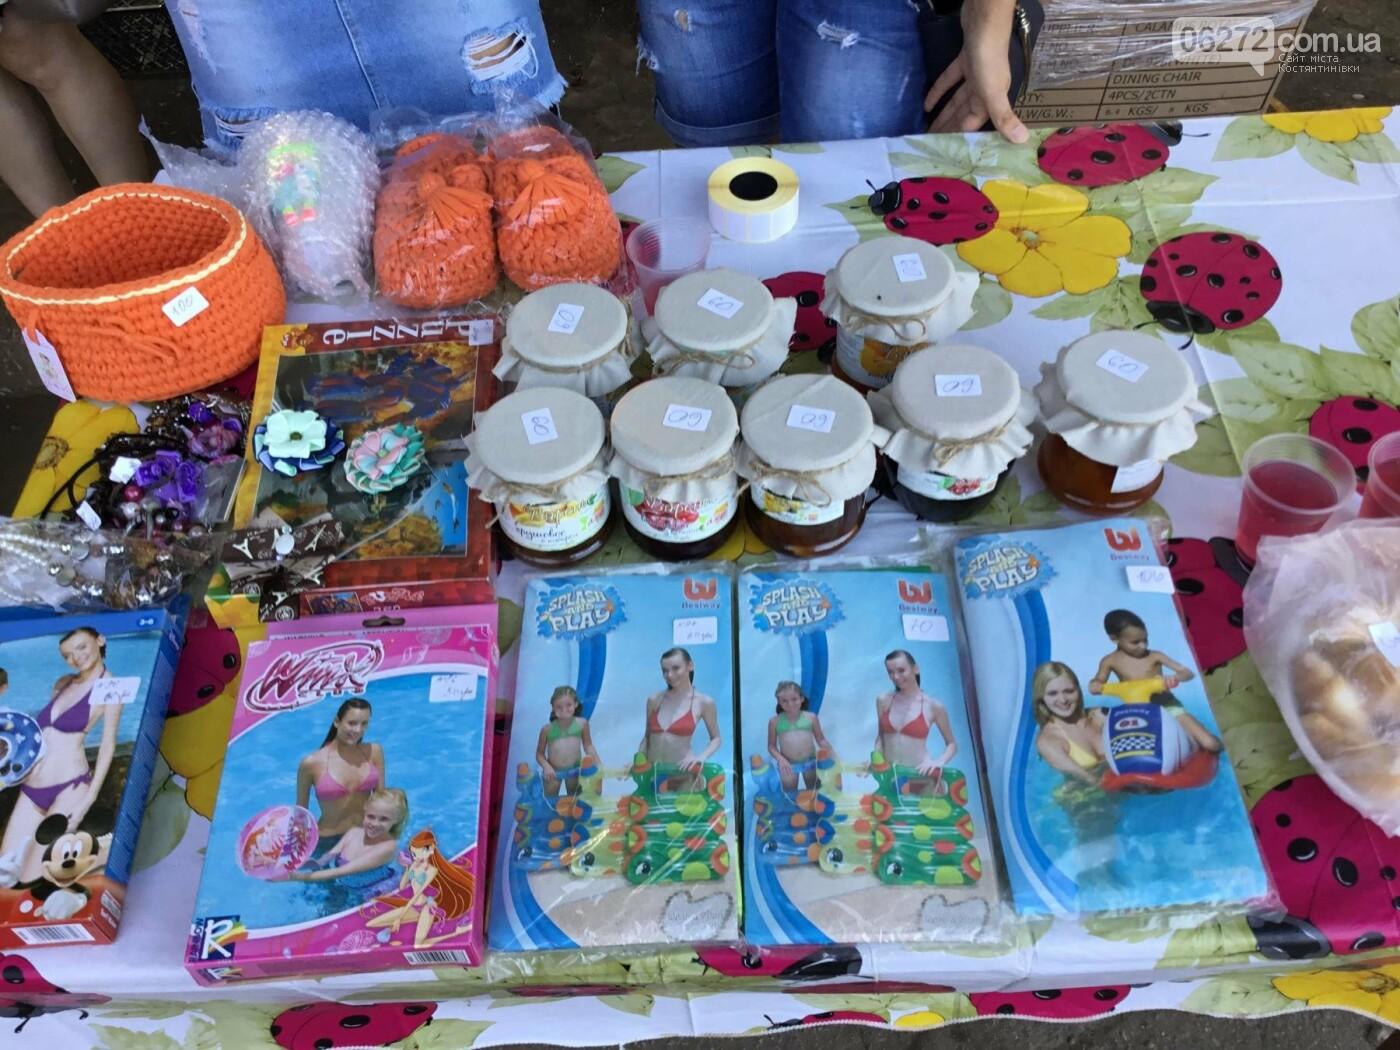 Вчера в Константиновке состоялся благотворительный праздник для детей (видео), фото-5